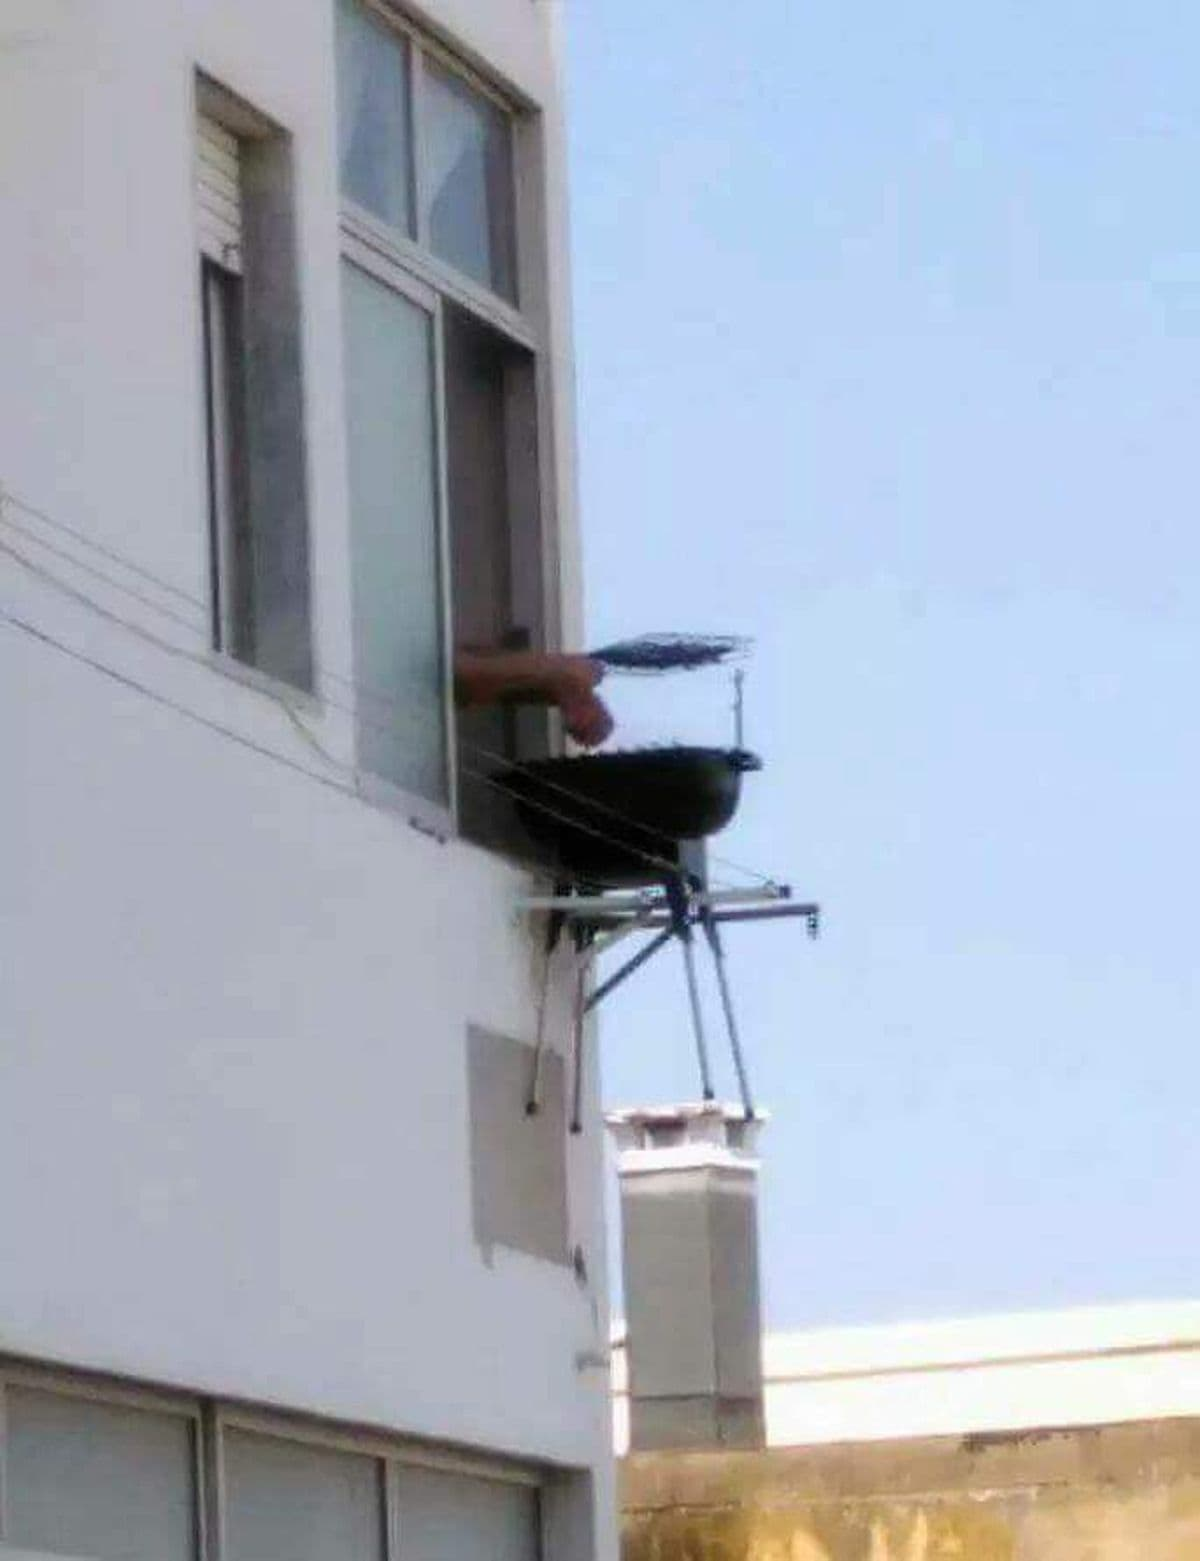 das genie der woche grillen auf dem balkon ohne balkon was is hier eigentlich los. Black Bedroom Furniture Sets. Home Design Ideas